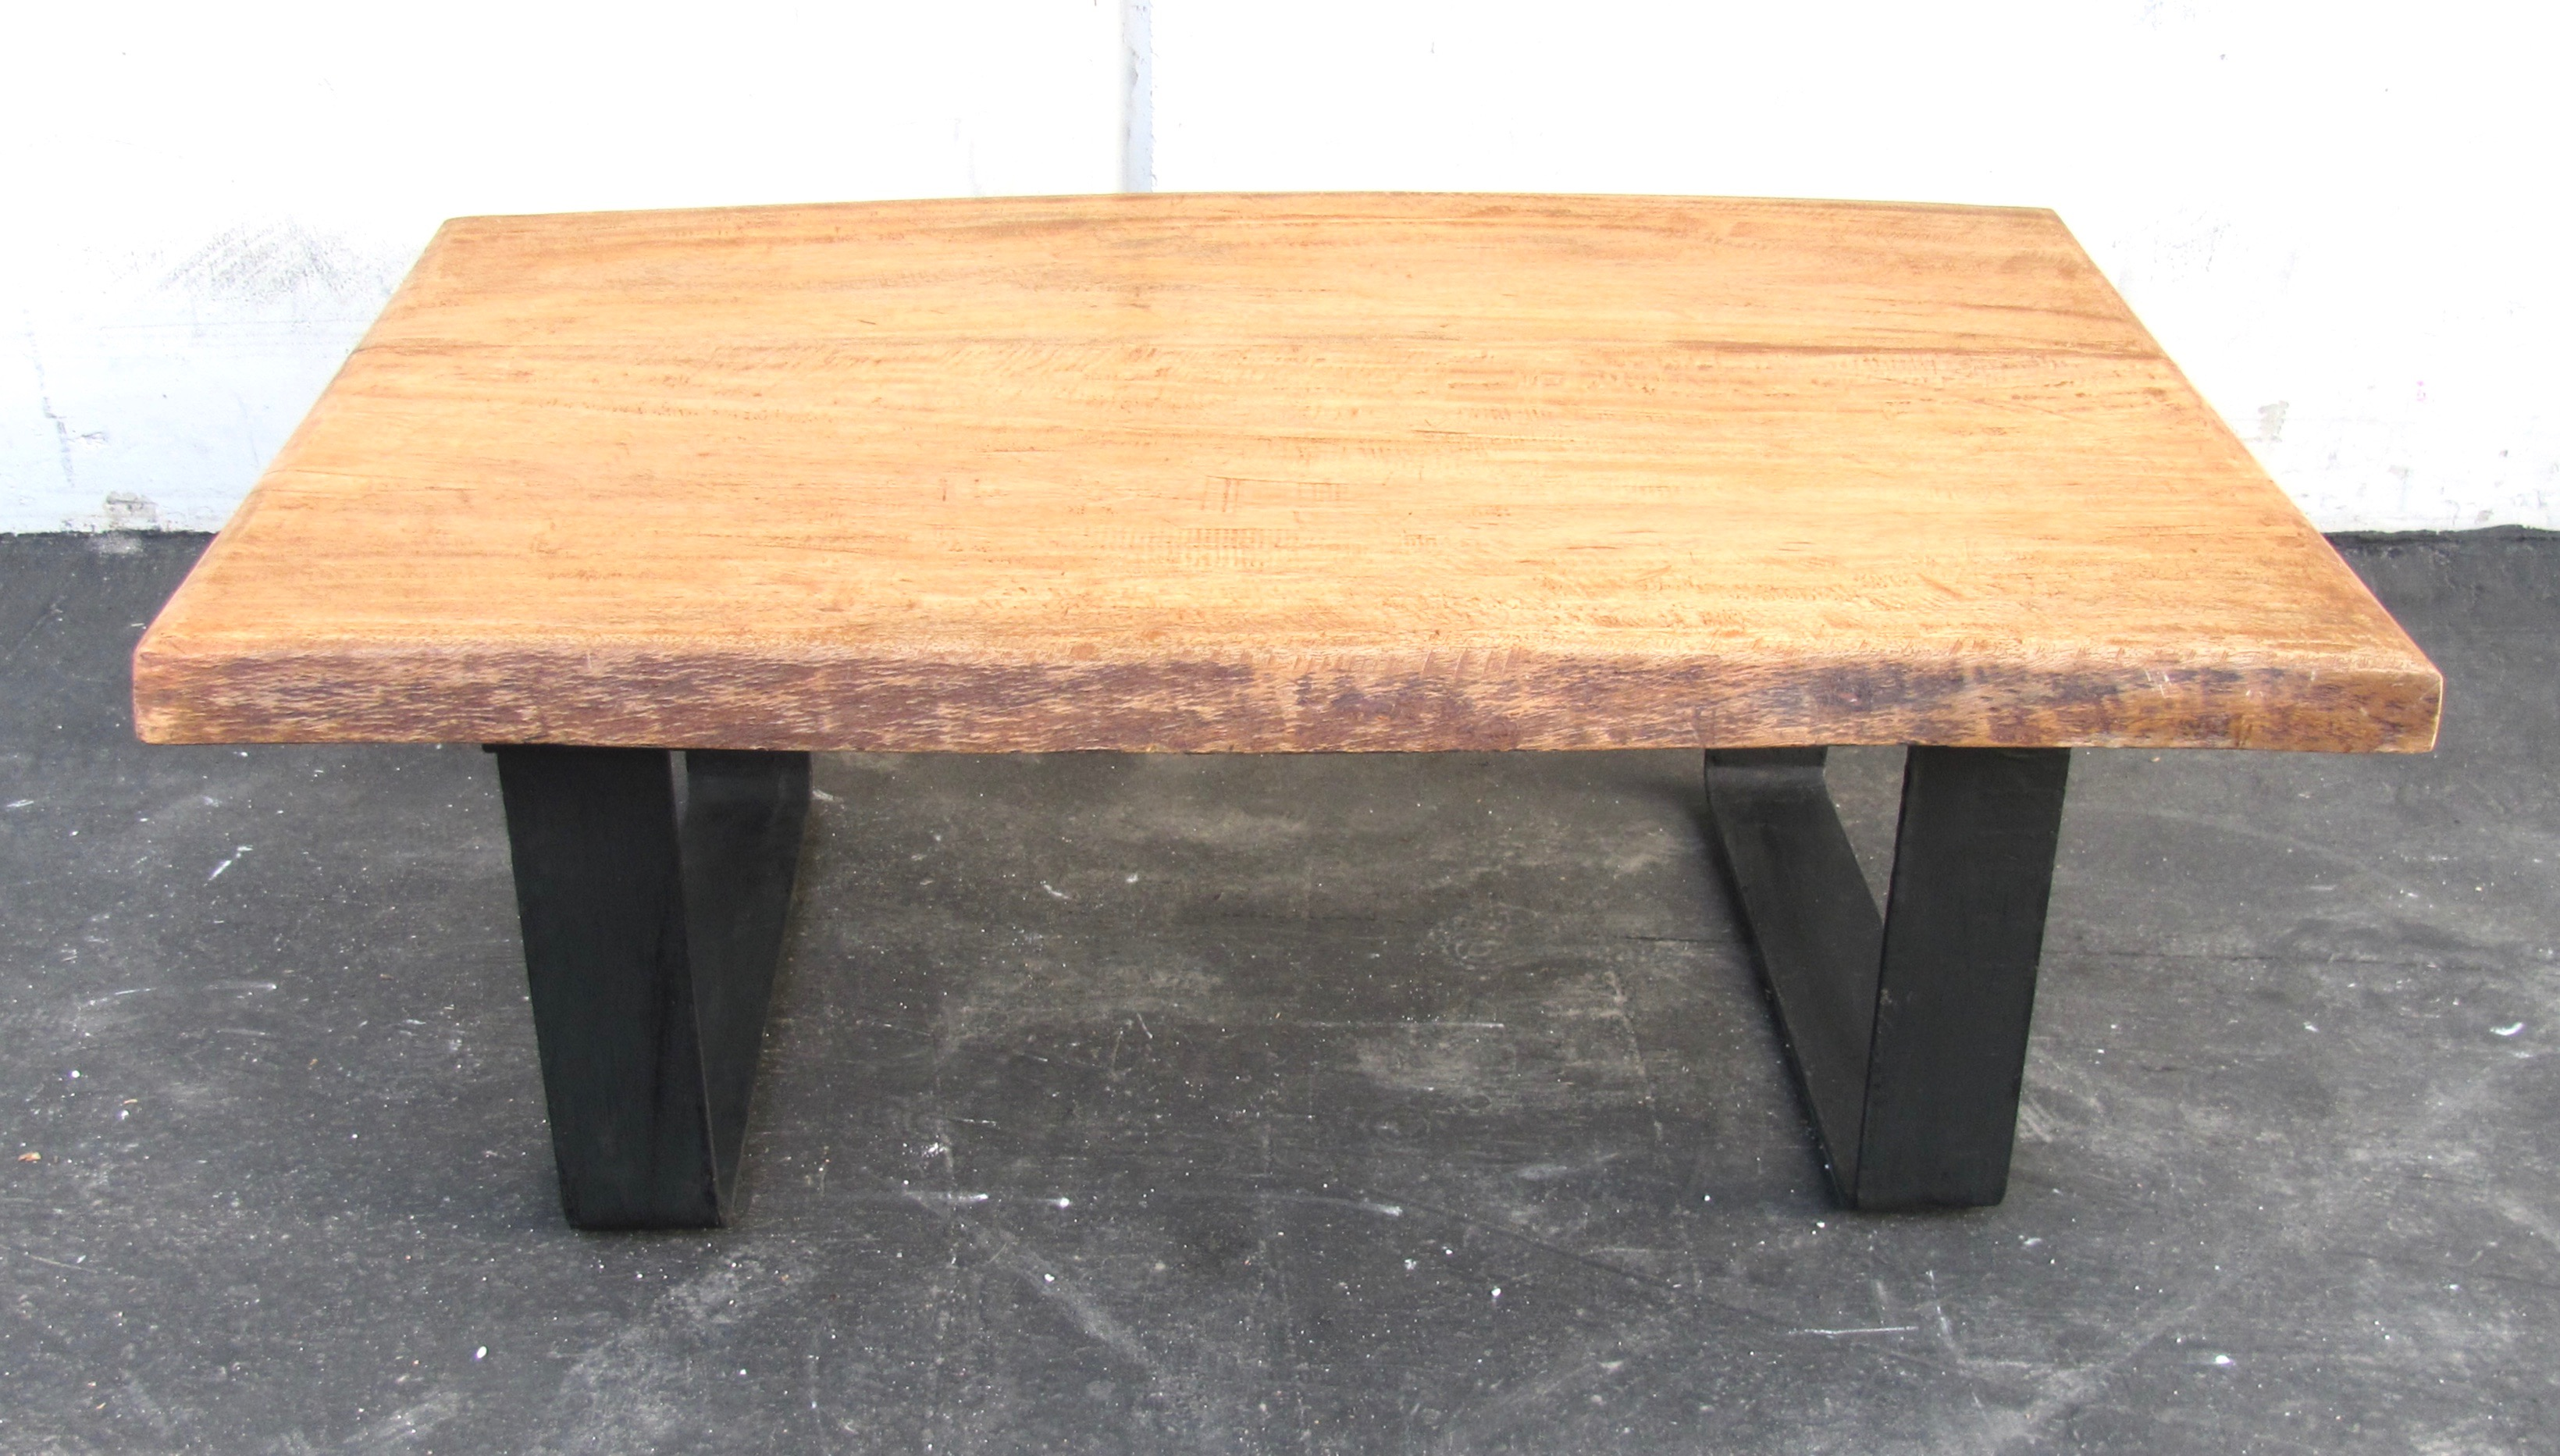 Slab Coffee Table: Minimalist Natural Wood Slab Coffee Table